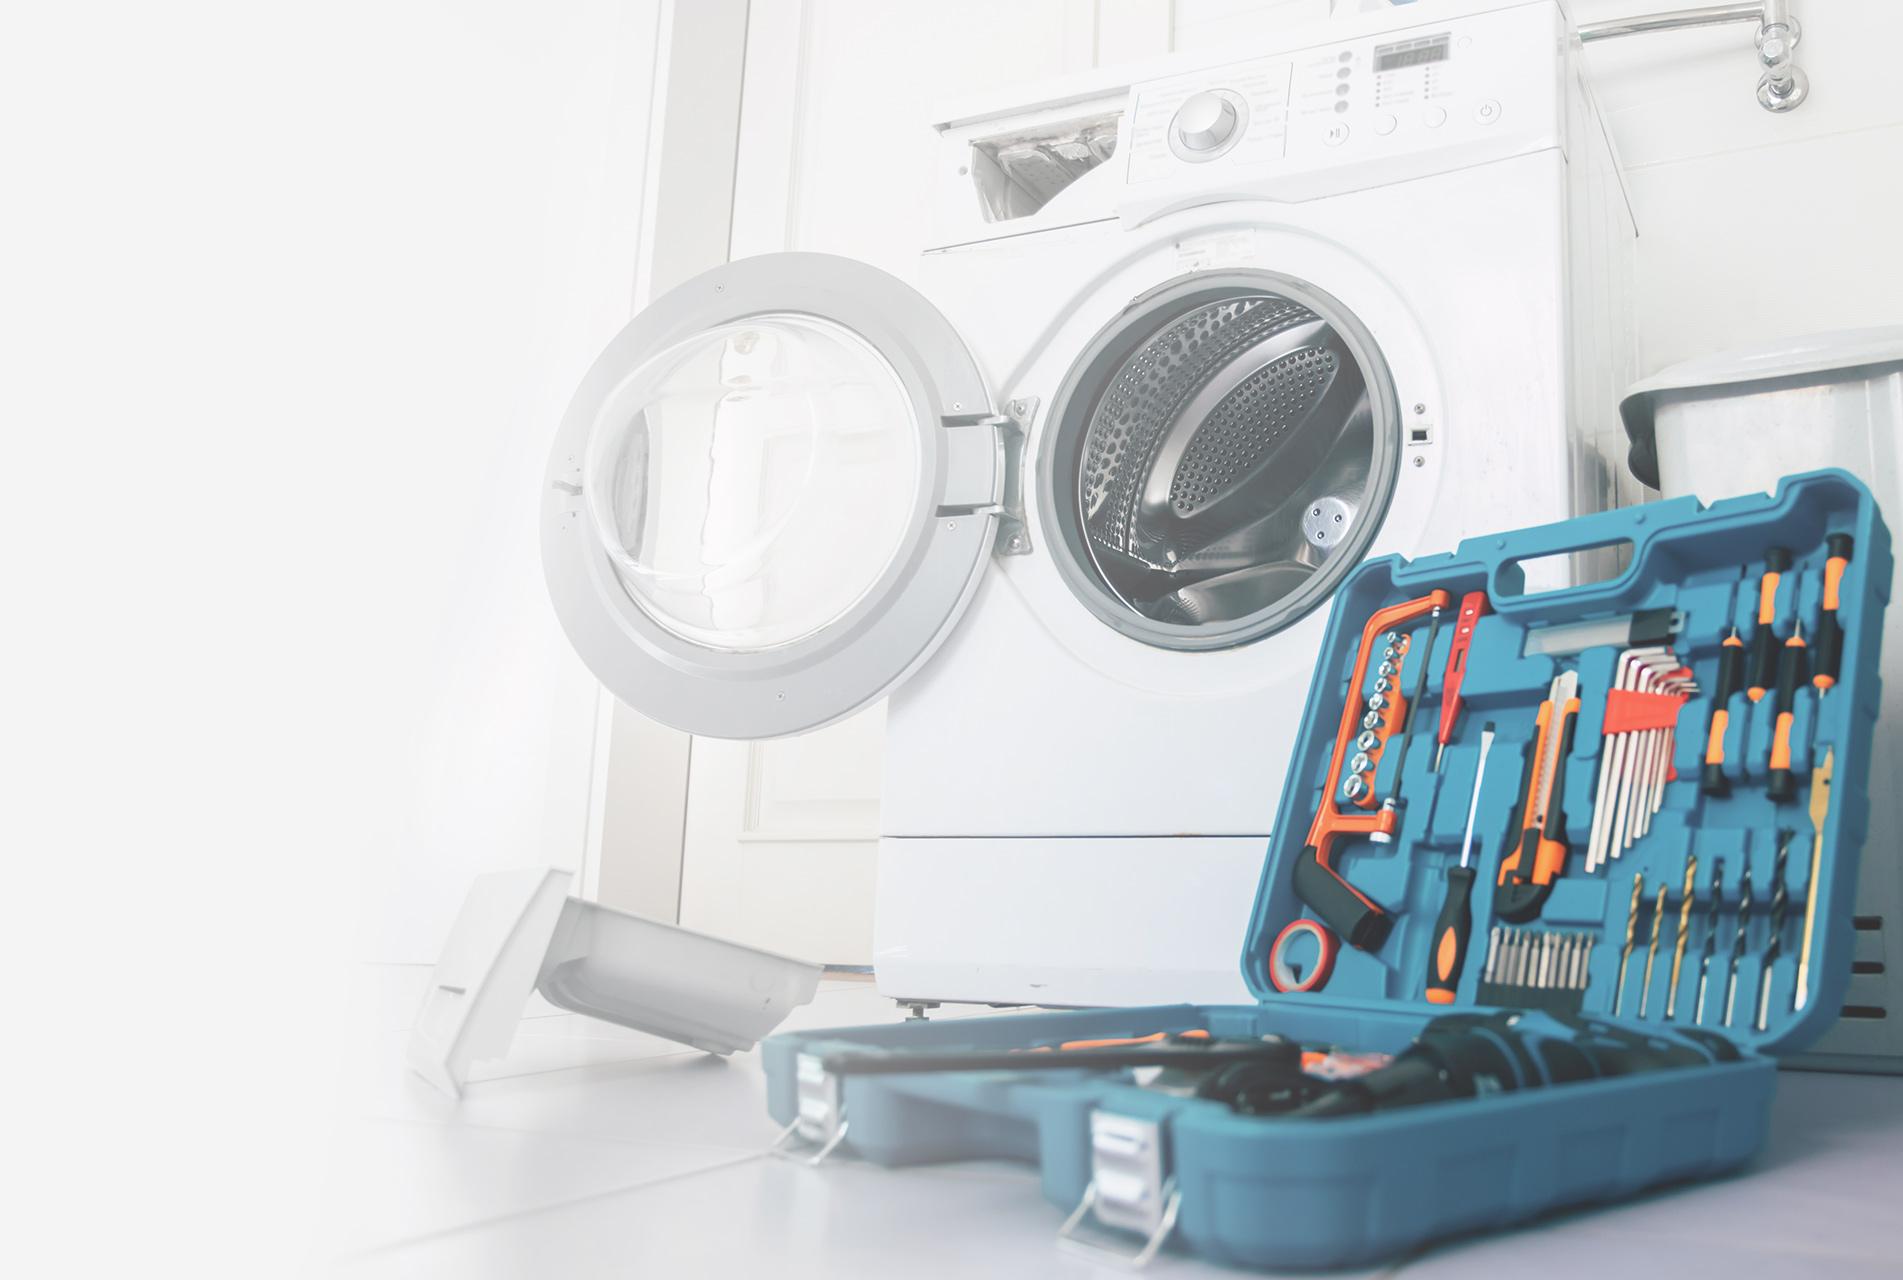 ¿Qué le ocurre a mi lavadora?